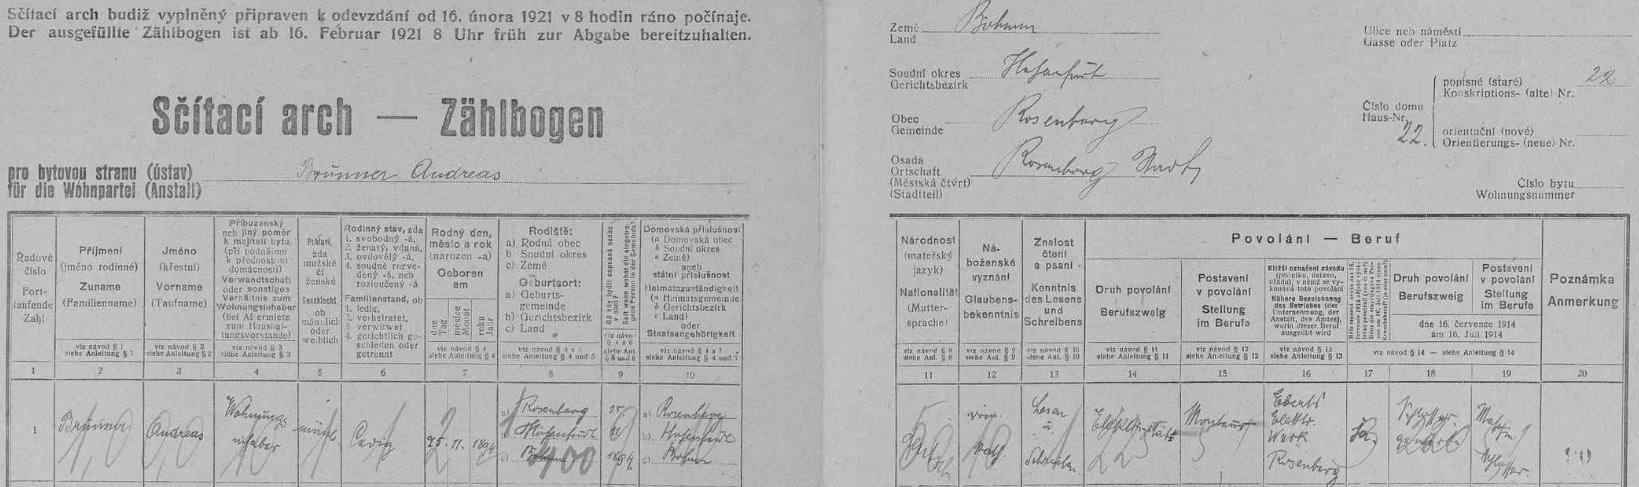 Arch sčítání lidu z roku 1921 pro dům čp. 22 v Rožmberku nad Vltavou, kde žil jen několik měsíců před svatbou dosud sám